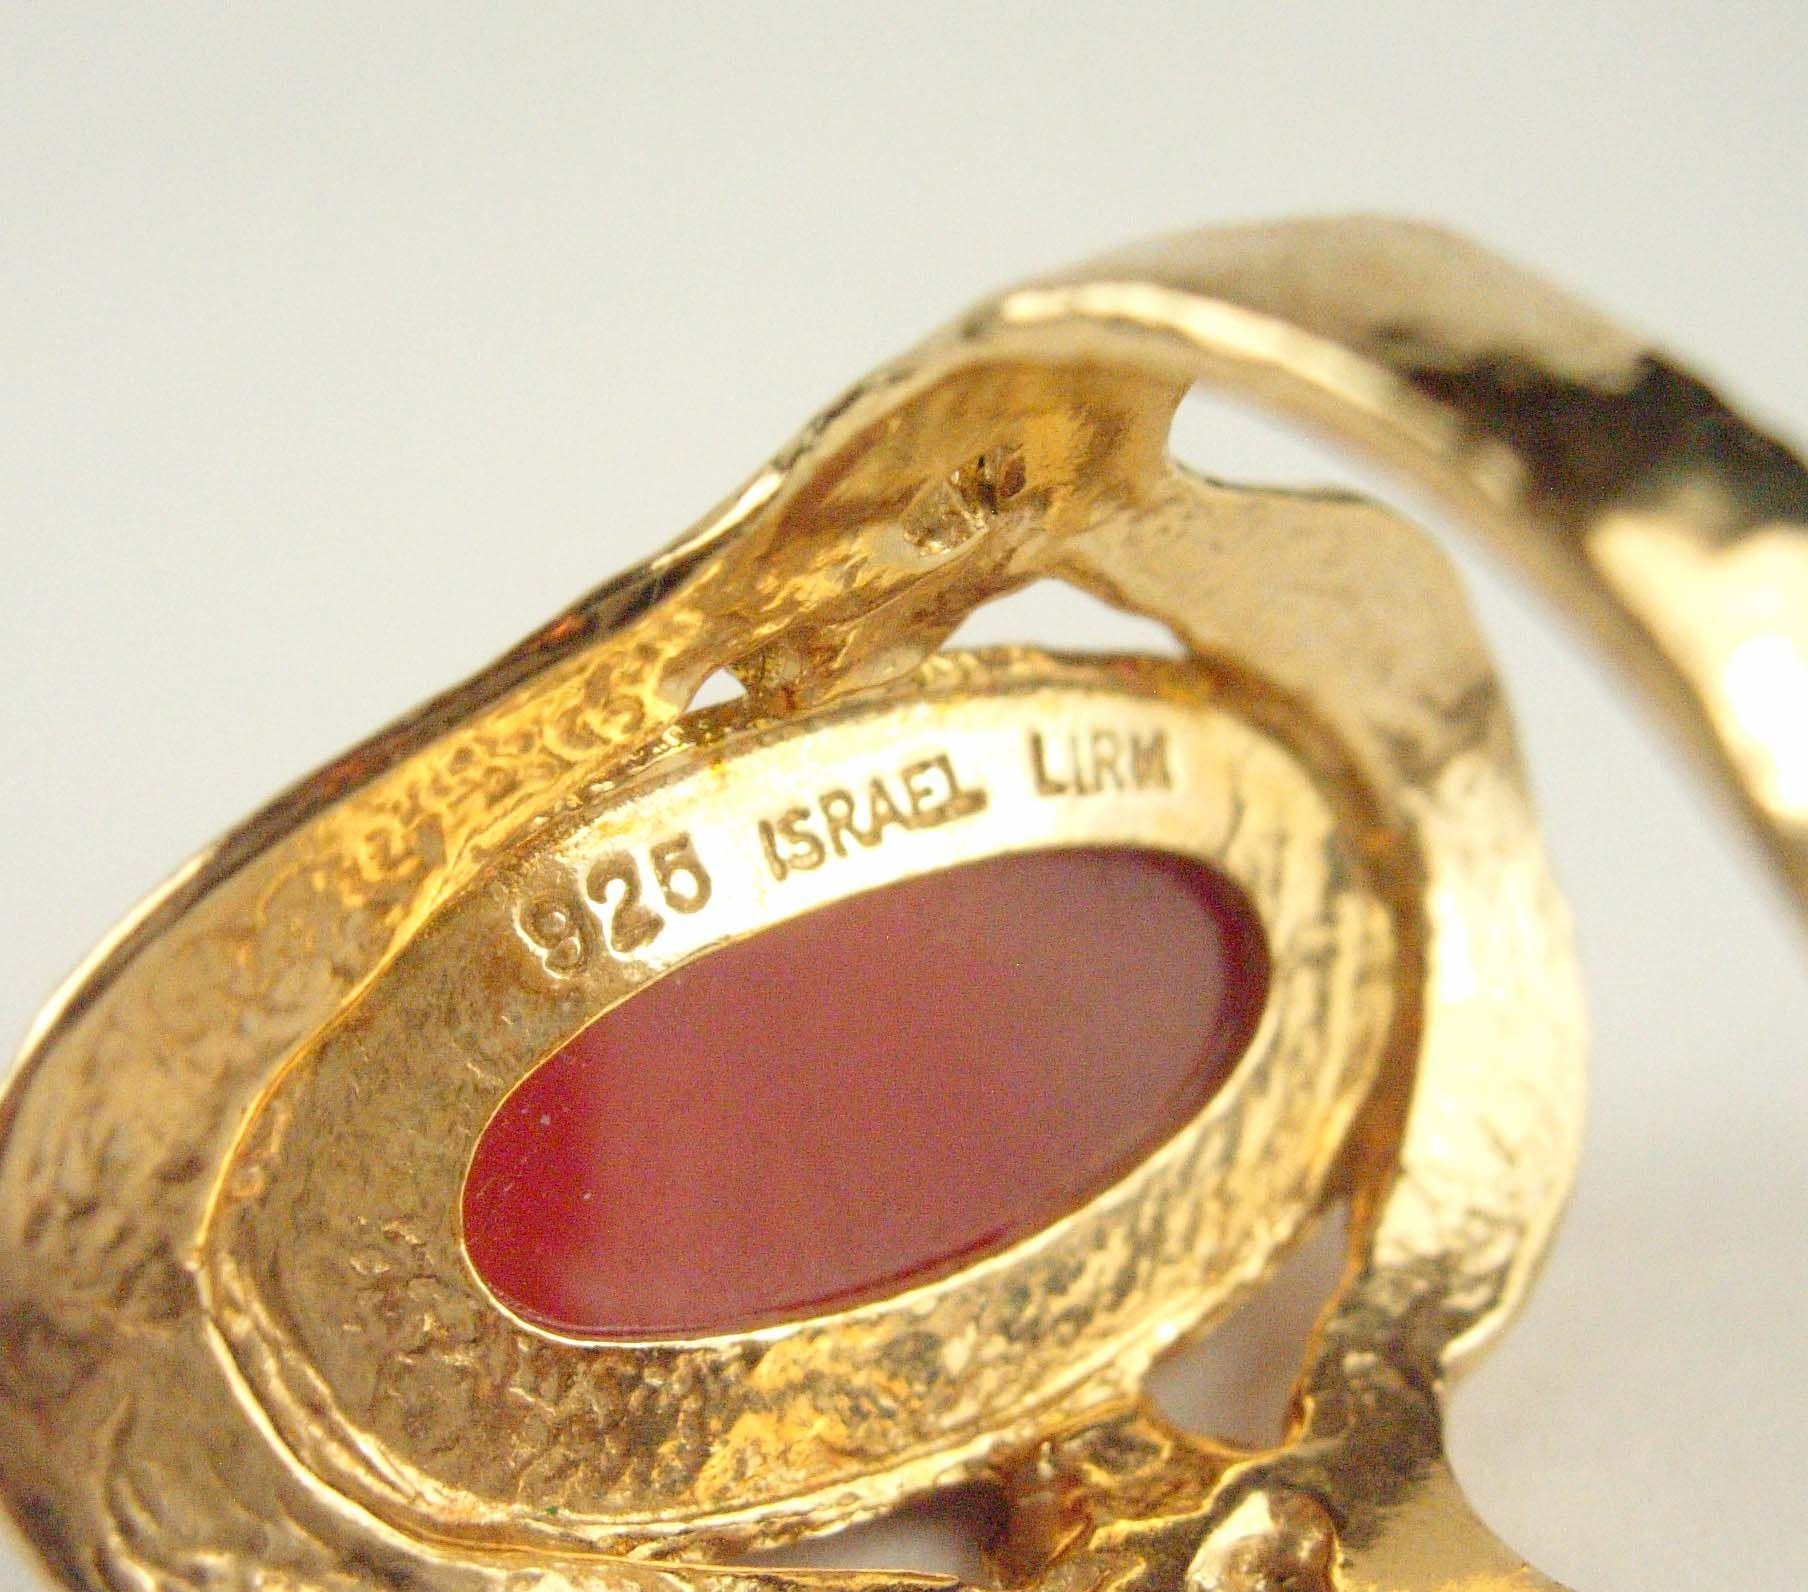 Lirm Israel Jewelry Hallmarks Jewelry Jewelry